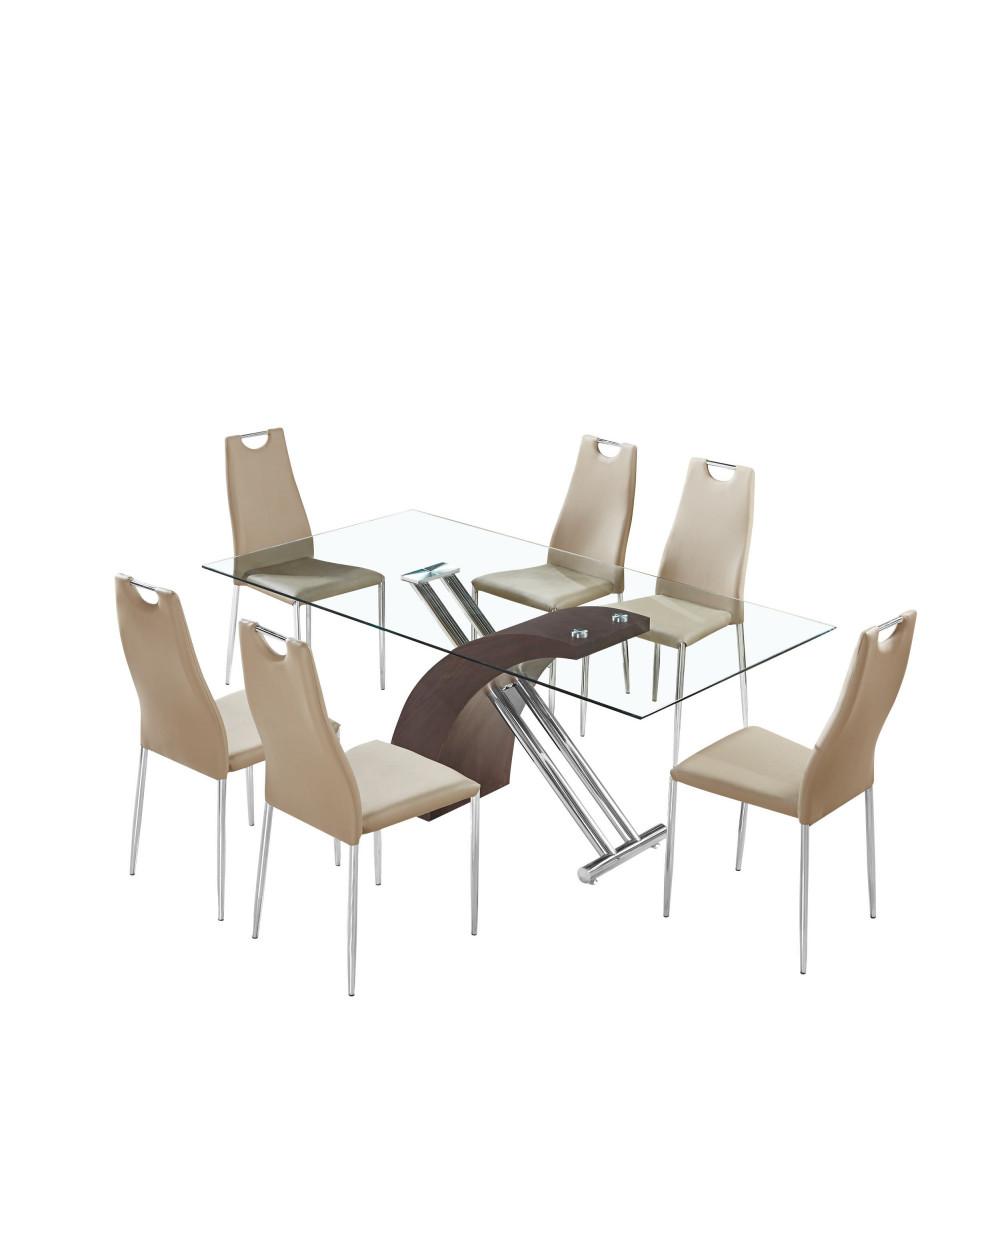 Familia comedor de vidrio tl 319f1 6 sillas tl 14a41pu brown for Comedor vidrio 6 sillas